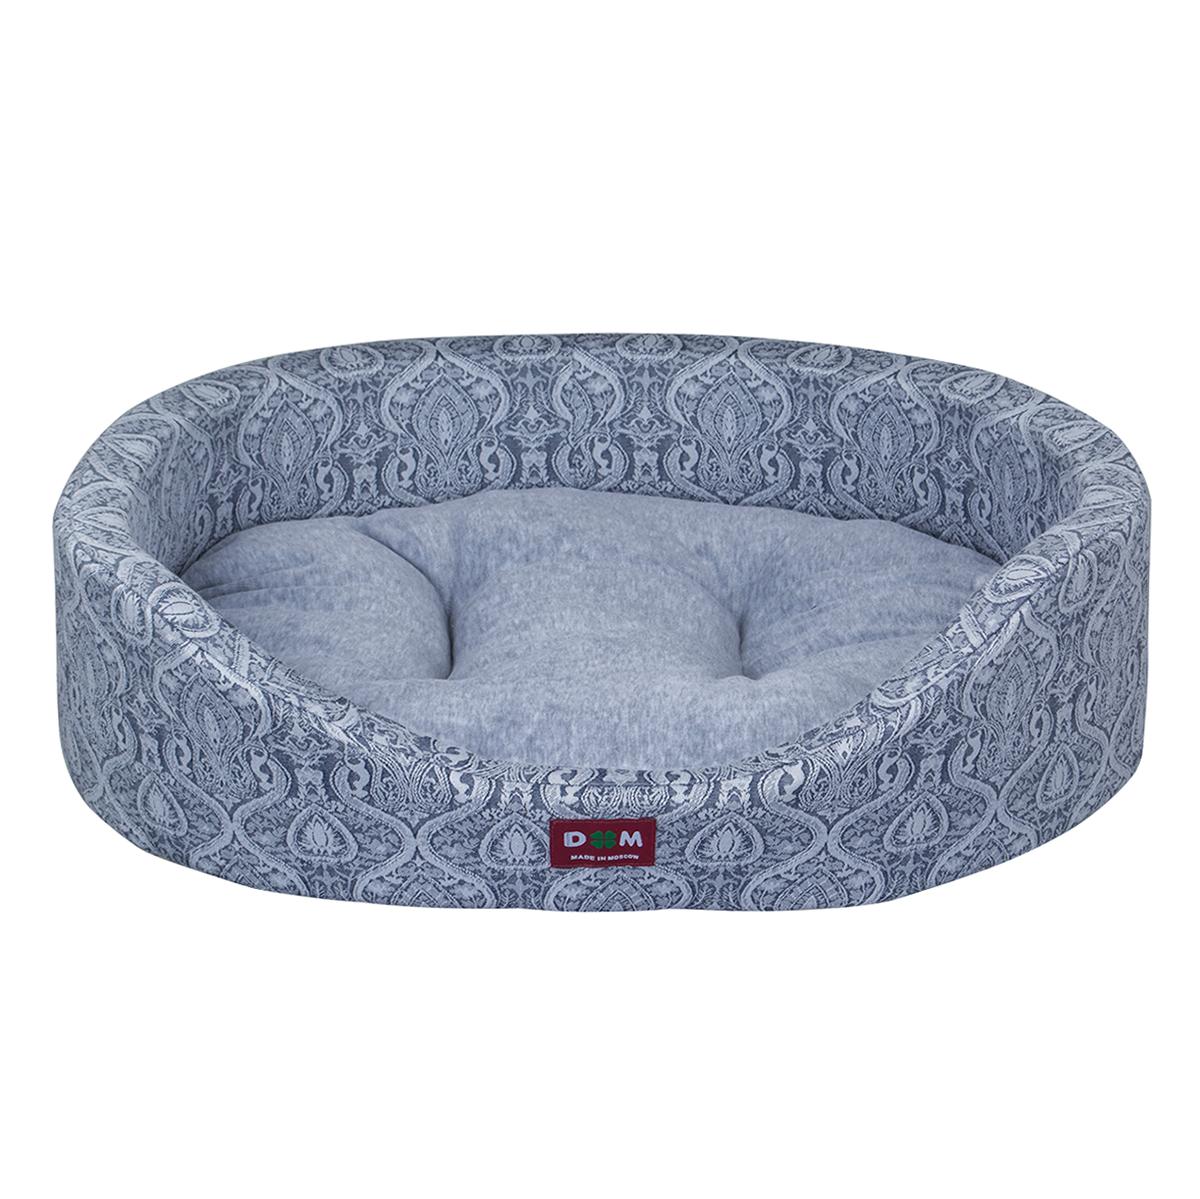 Лежак для животных Dogmoda Дуэт, цвет: серо-голубой, 60 x 48 x 12 смDM-160278-2Лежак для животных Dogmoda Дуэт прекрасно подойдет для отдыха вашего домашнего питомца. Предназначен для собак мелких и средних пород и кошек. Изделие выполнено из жаккарда с изысканным узором, внутри - мягкий наполнитель из поролона, который обеспечивает комфорт и уют. Лежак снабжен съемной велюровой подушкой с холлофайбером внутри. Изделие имеет высокие бортики. Комфортный и уютный лежак обязательно понравится вашему питомцу, животное сможет там отдохнуть и выспаться. Высокий уровень комфорта, спокойный благородный цвет и мягкость сделают этот лежак любимым местом отдыха вашего питомца.